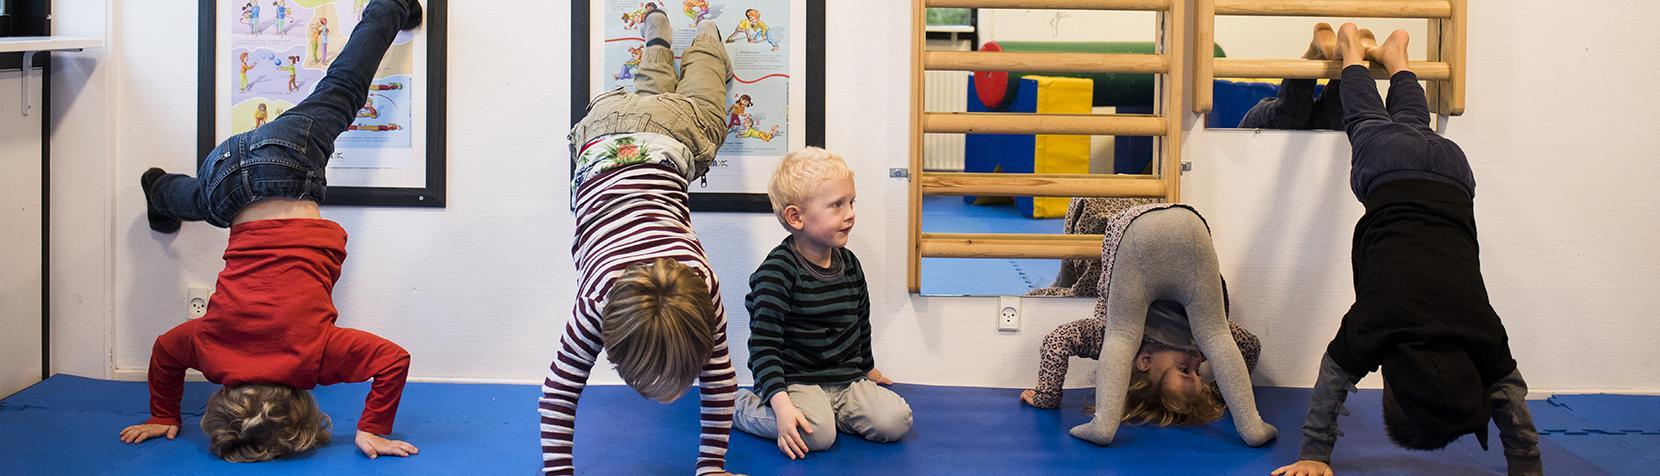 Børn laver gymnastik